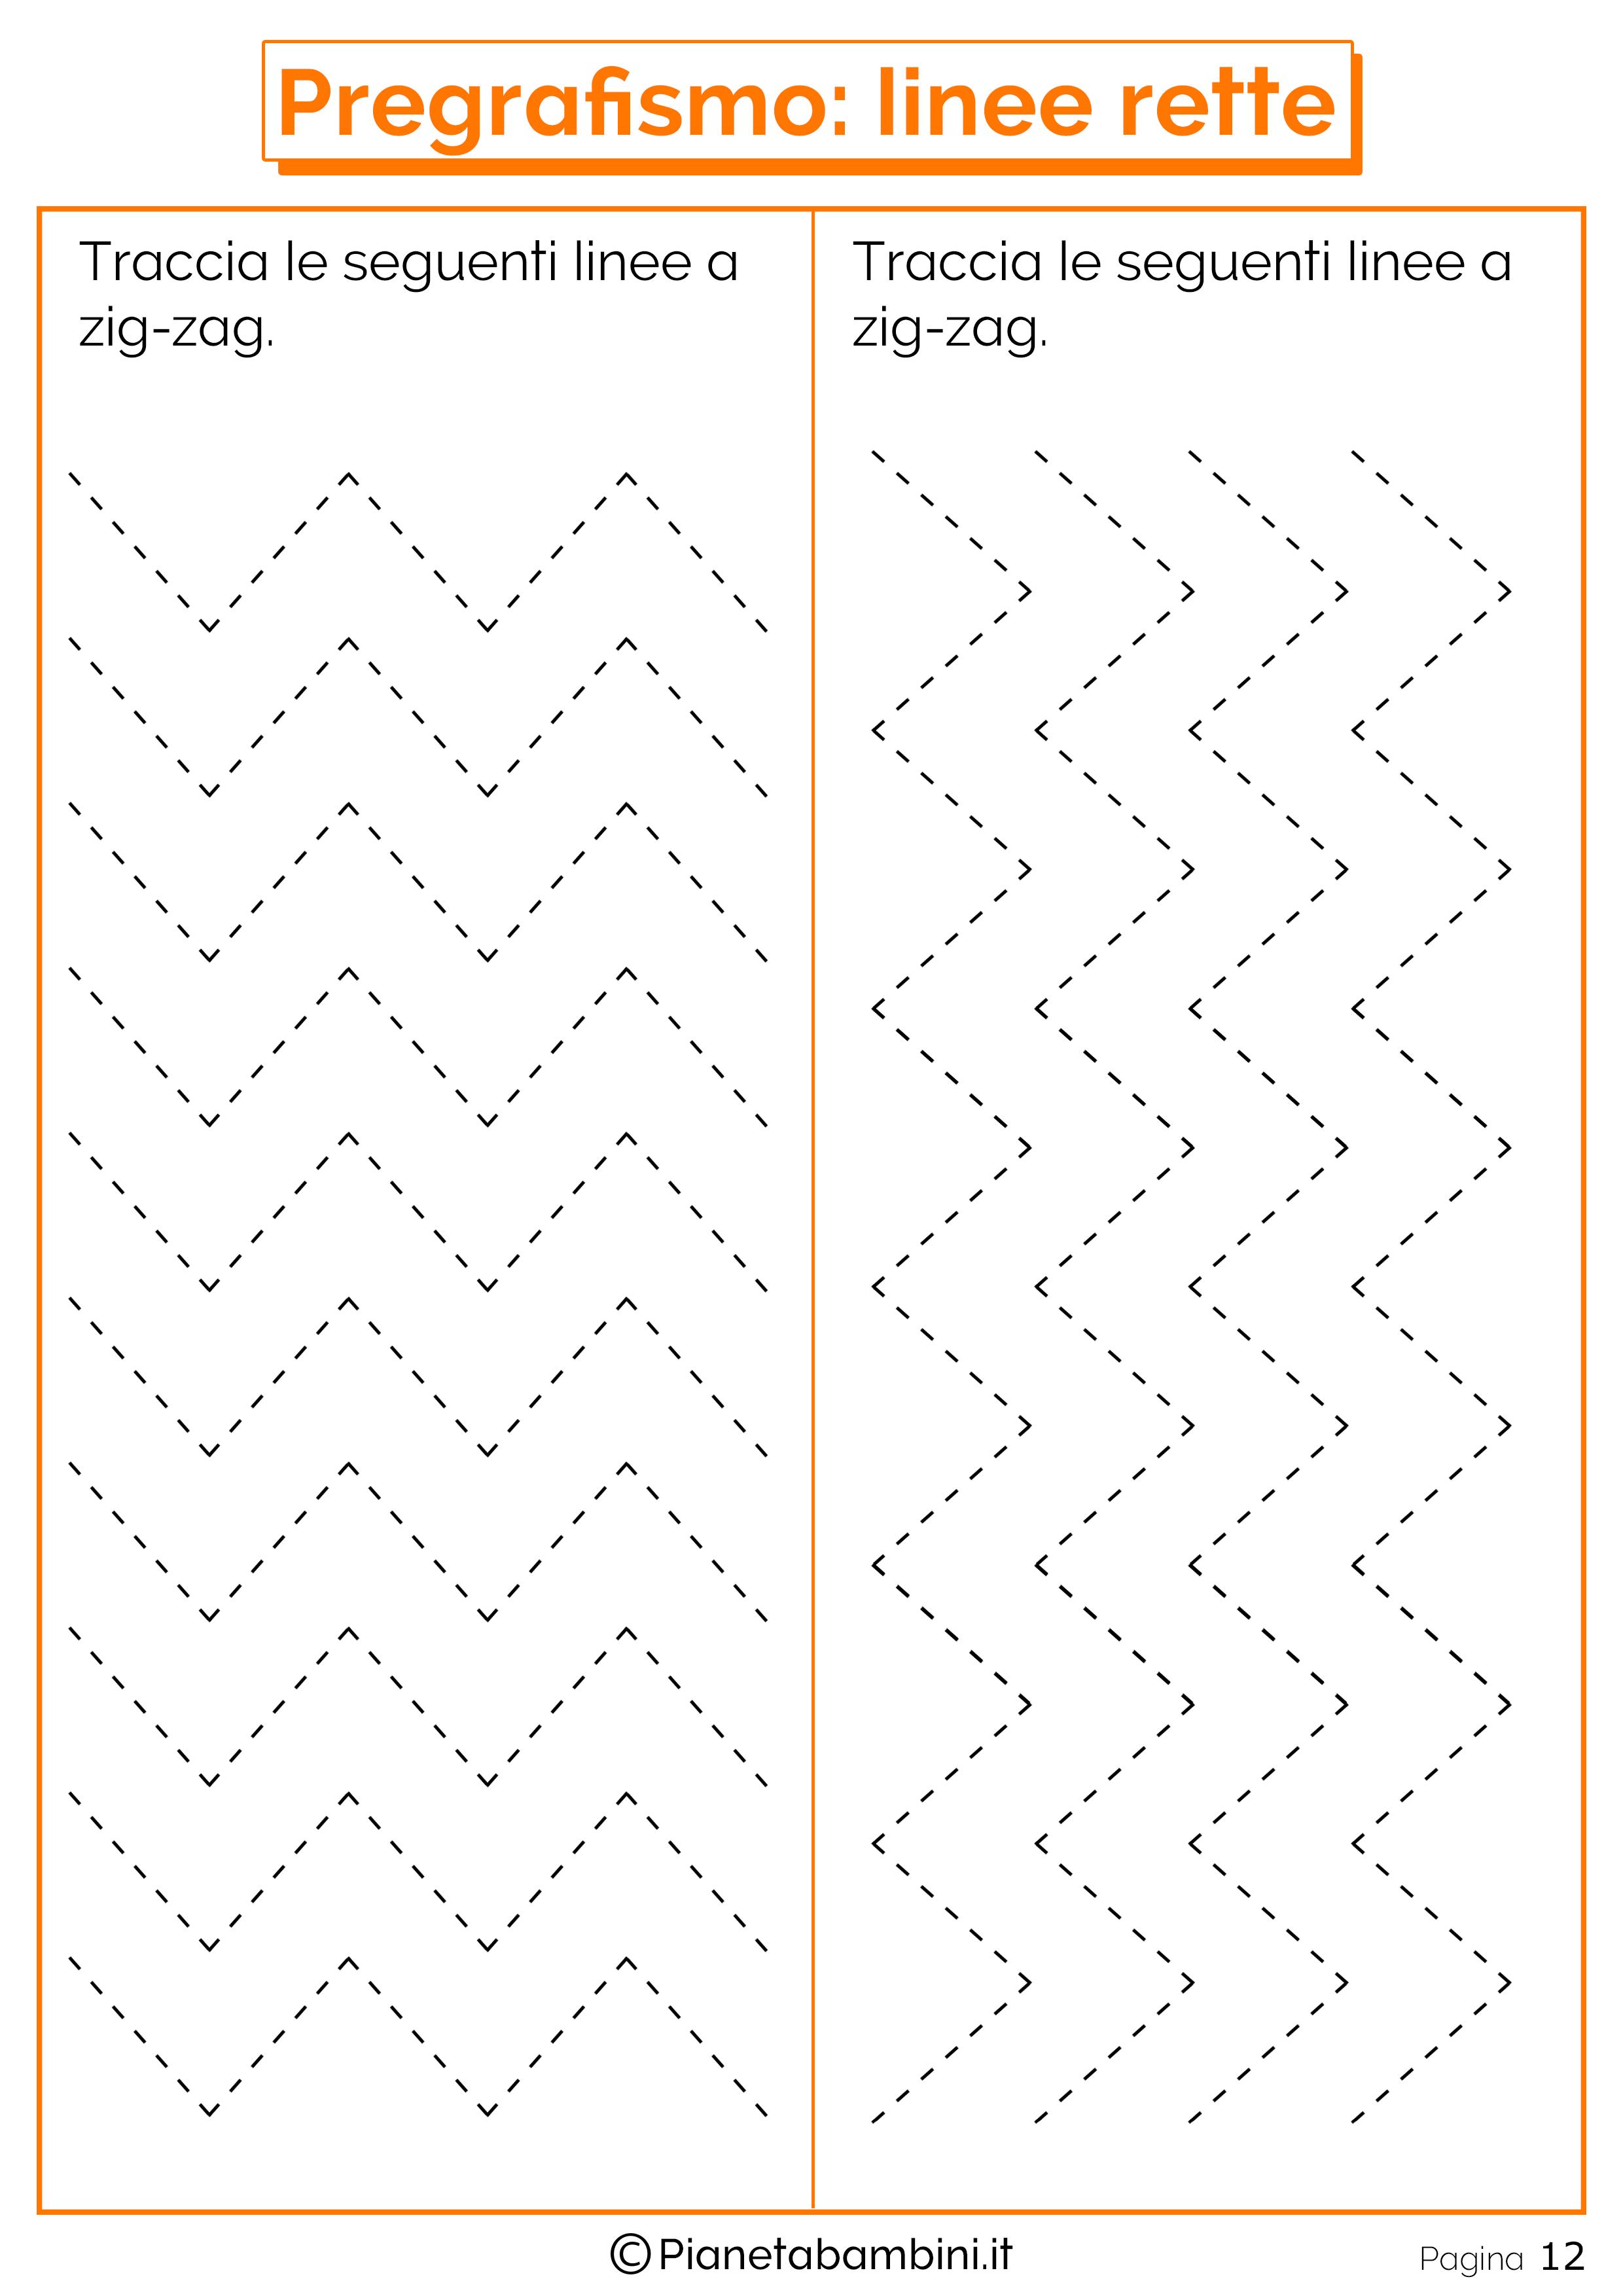 Pregrafismo-Linee-Rette_12